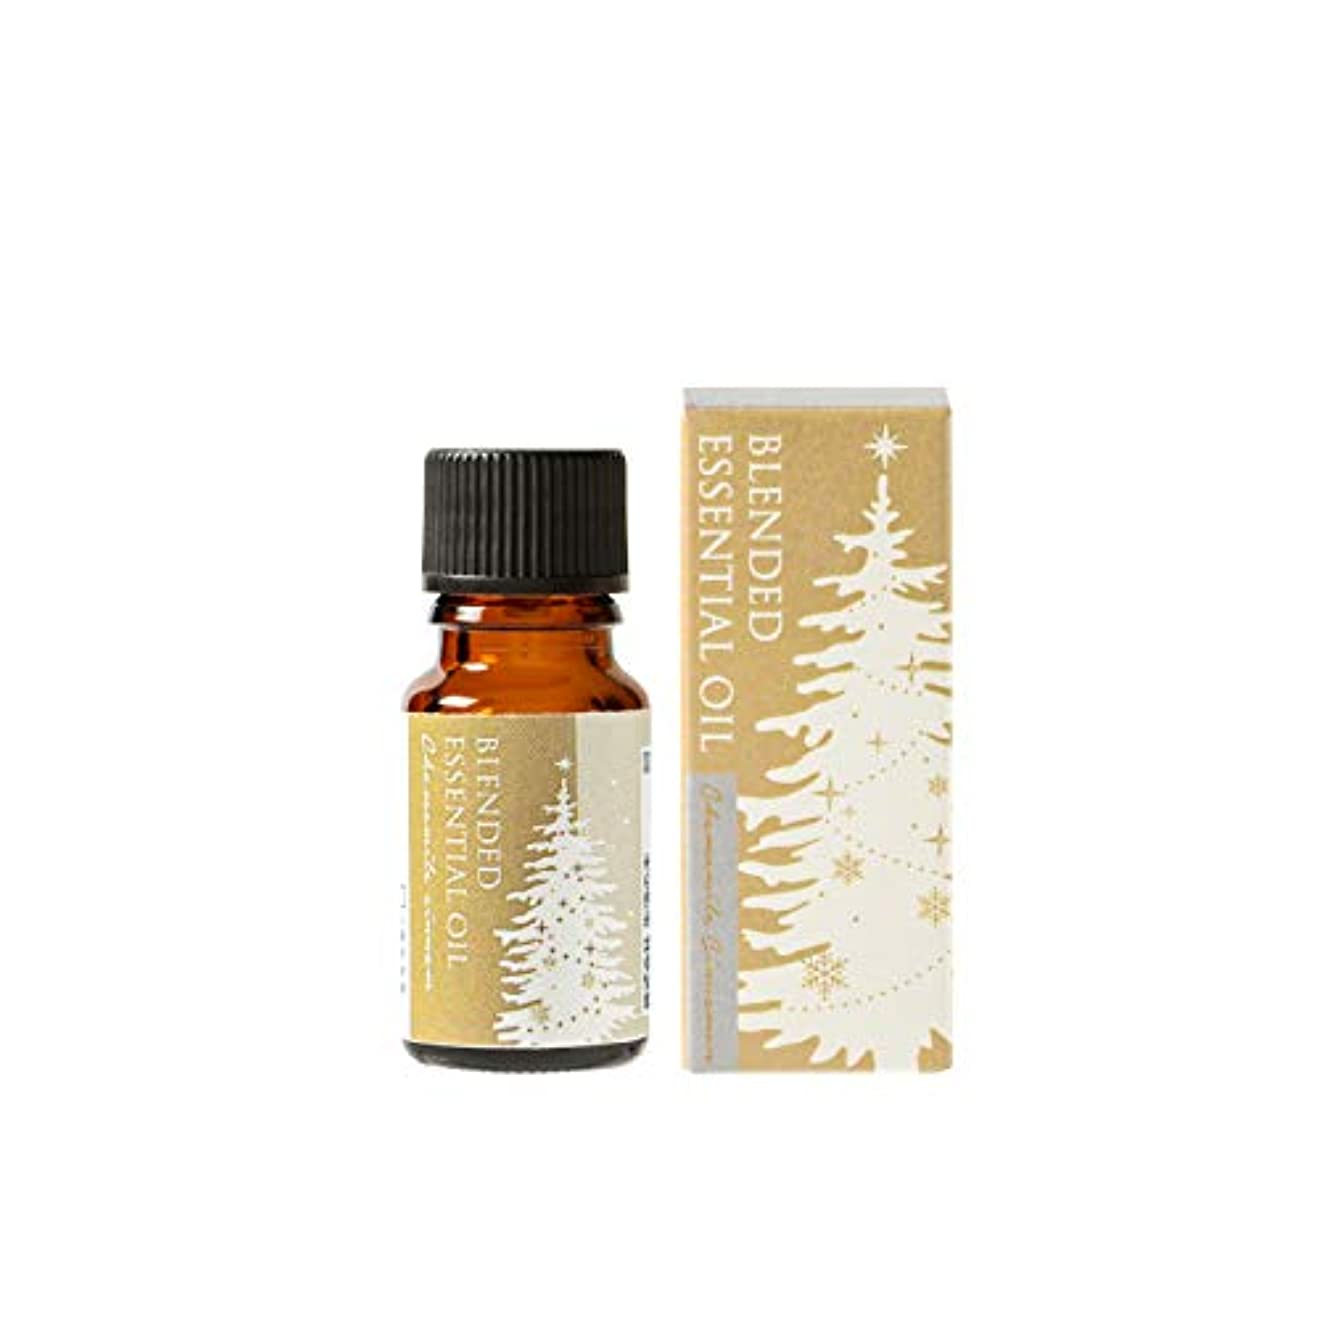 脚本宮殿シソーラス生活の木 ブレンド精油 カモマイルシナモン 10ml